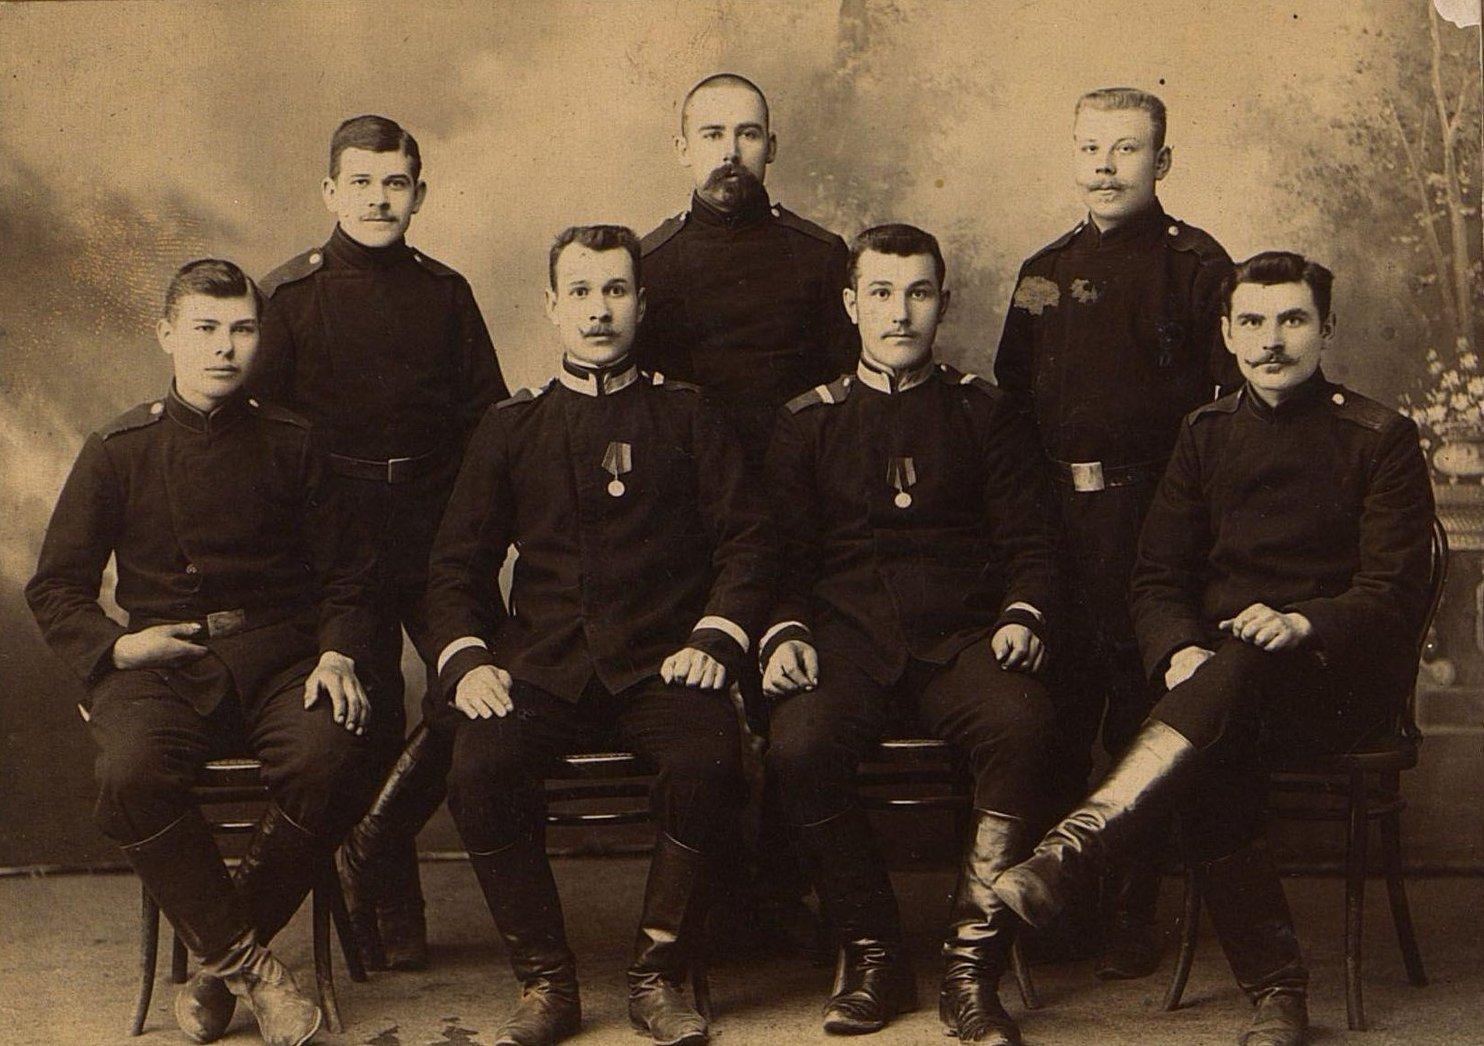 Шахматов Иван Спиридонович и другие солдаты - участники Русско-японской войны. 1904